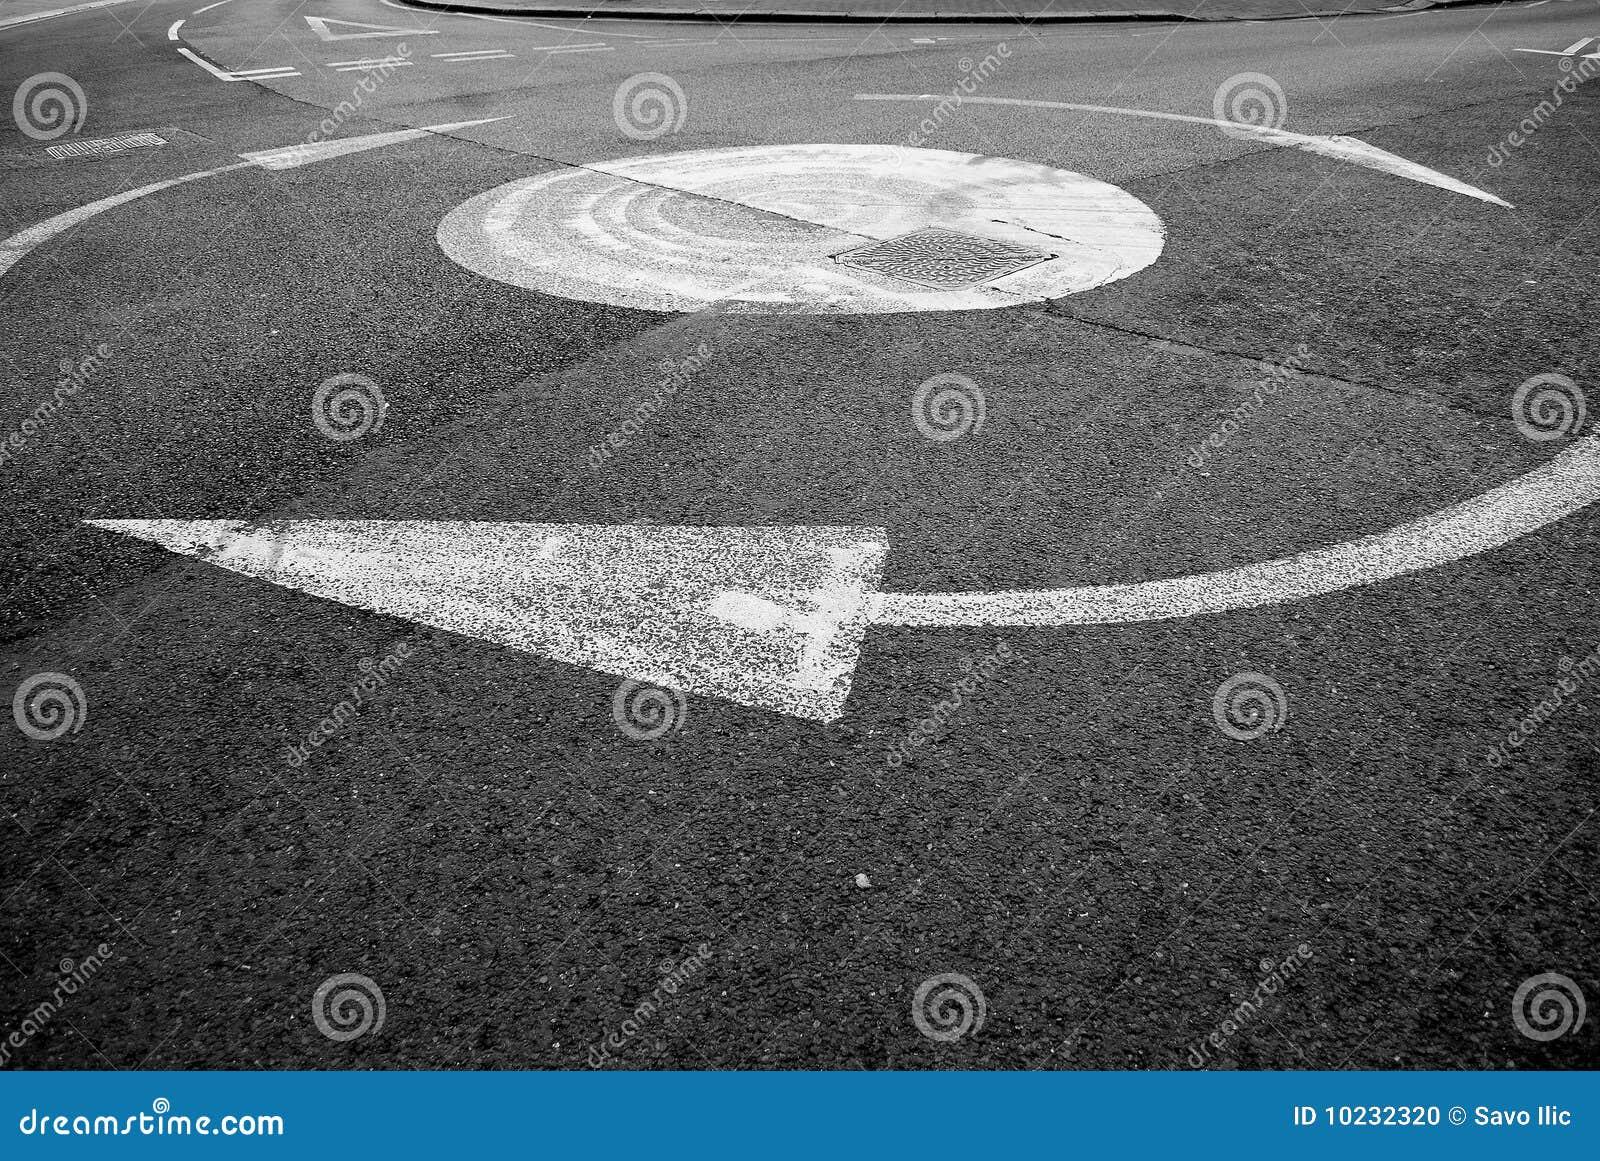 Διασταύρωση κυκλικής κυκλοφορίας